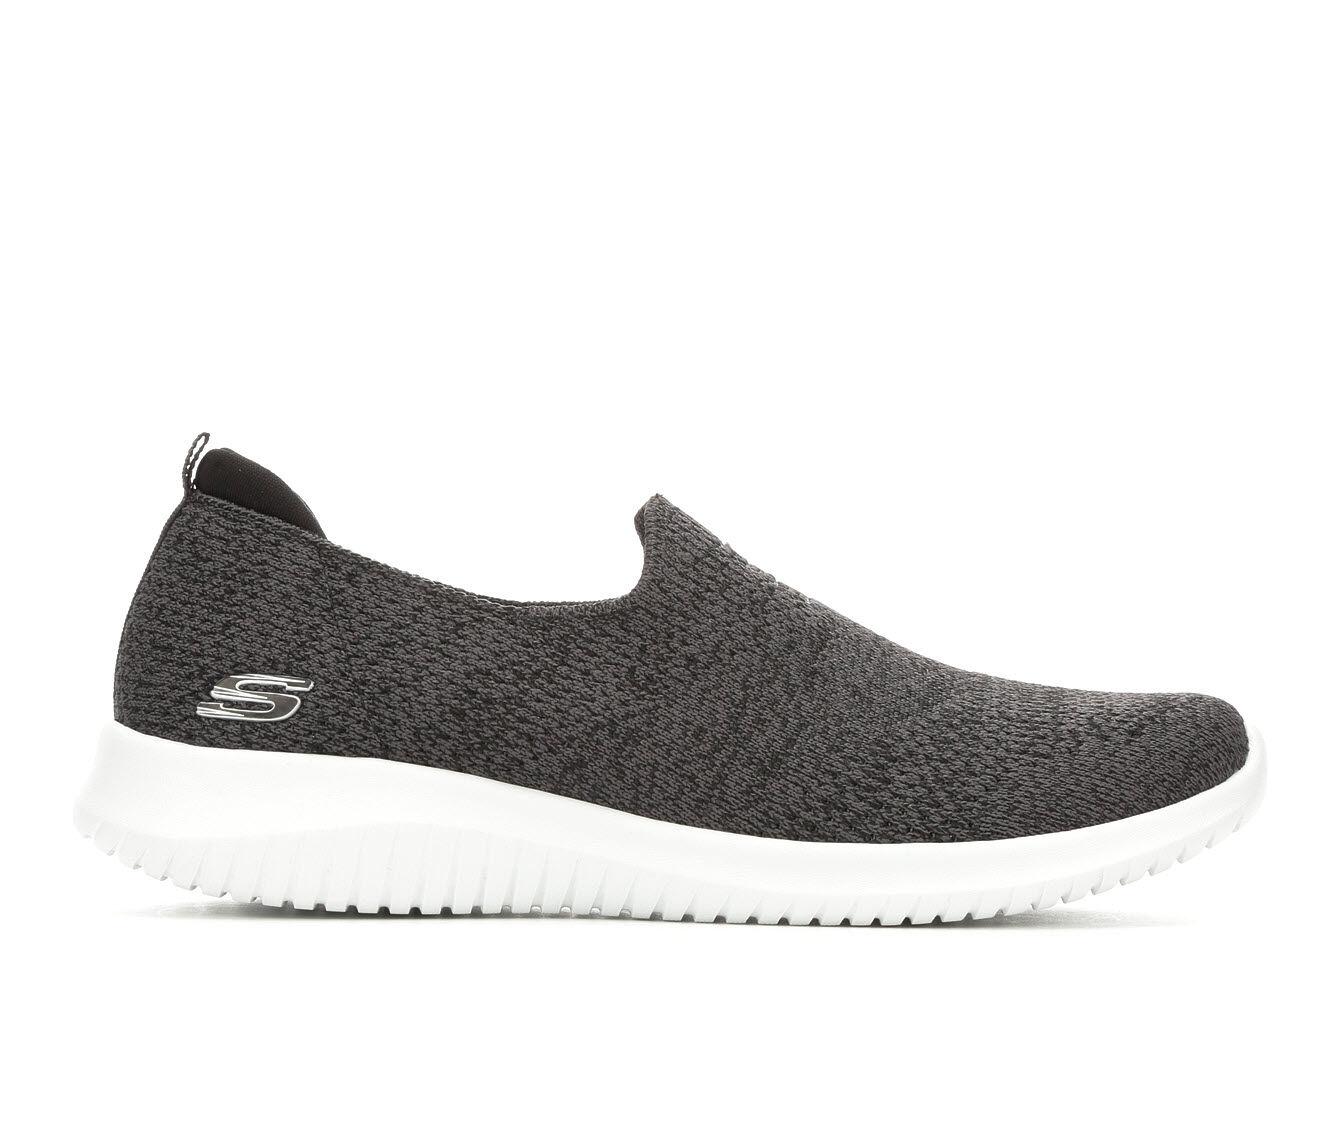 Womens Skechers Memory Foam Sneakers